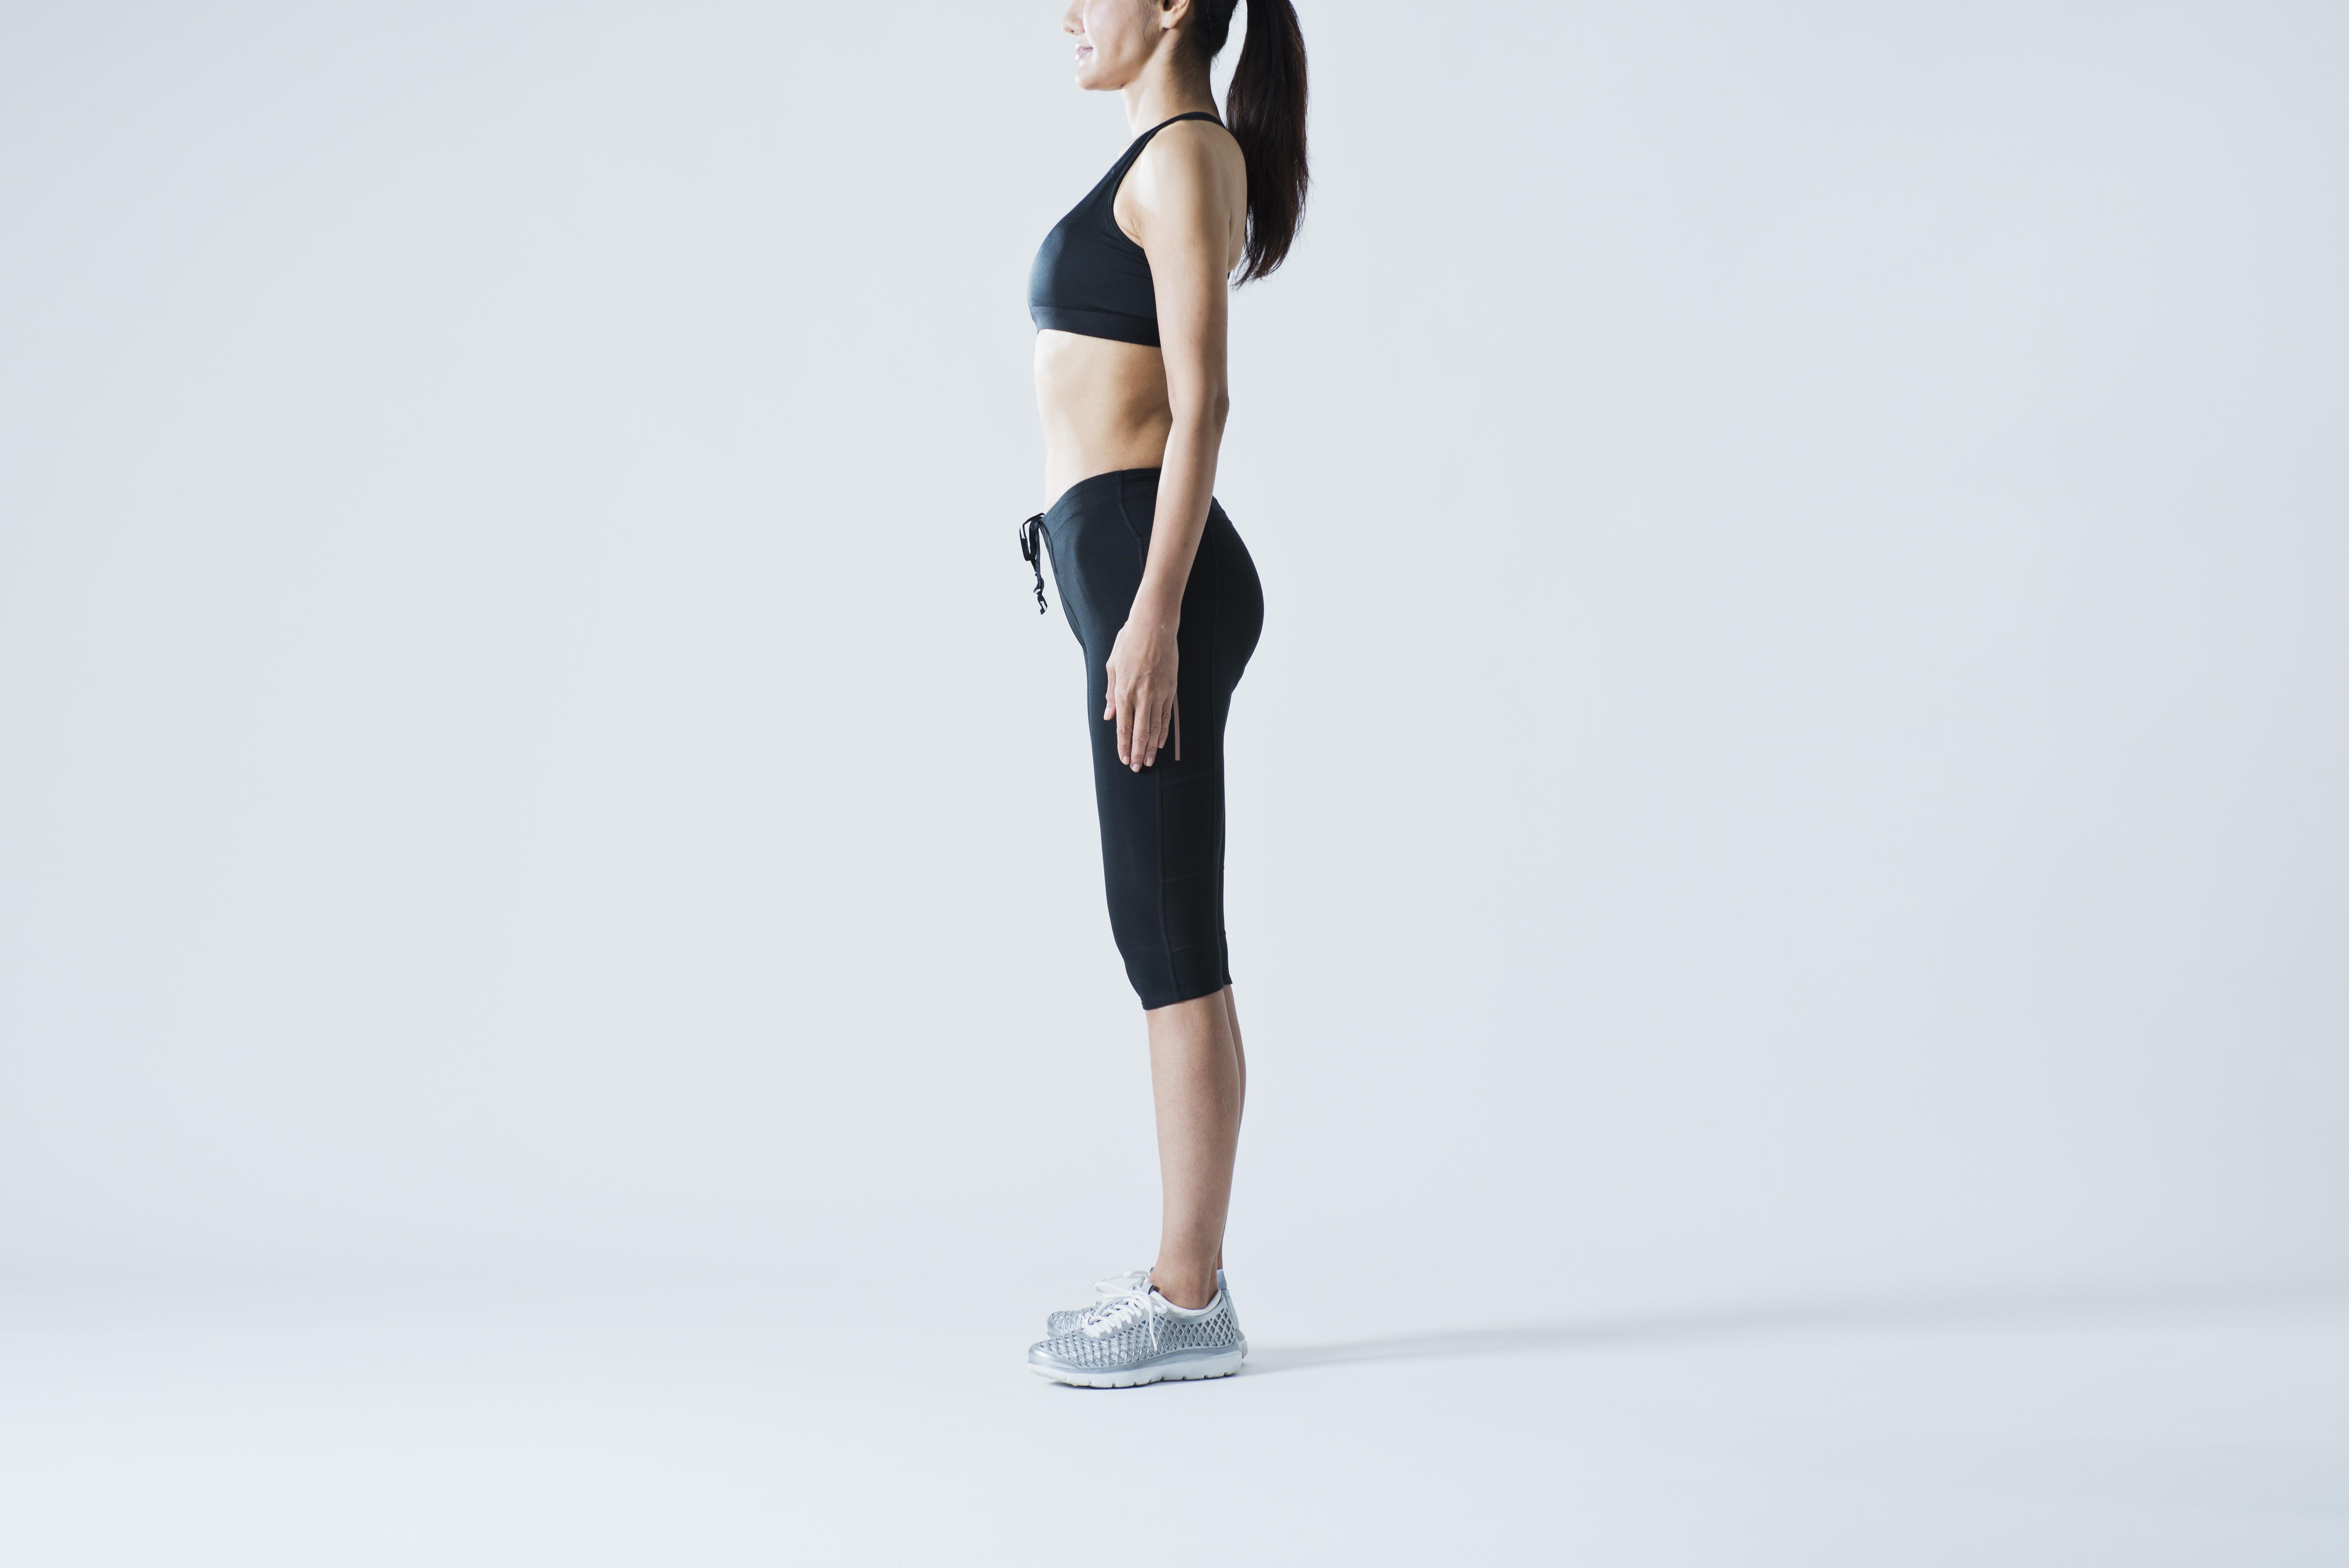 背筋を鍛えるの方法・やり方・手順や使い方